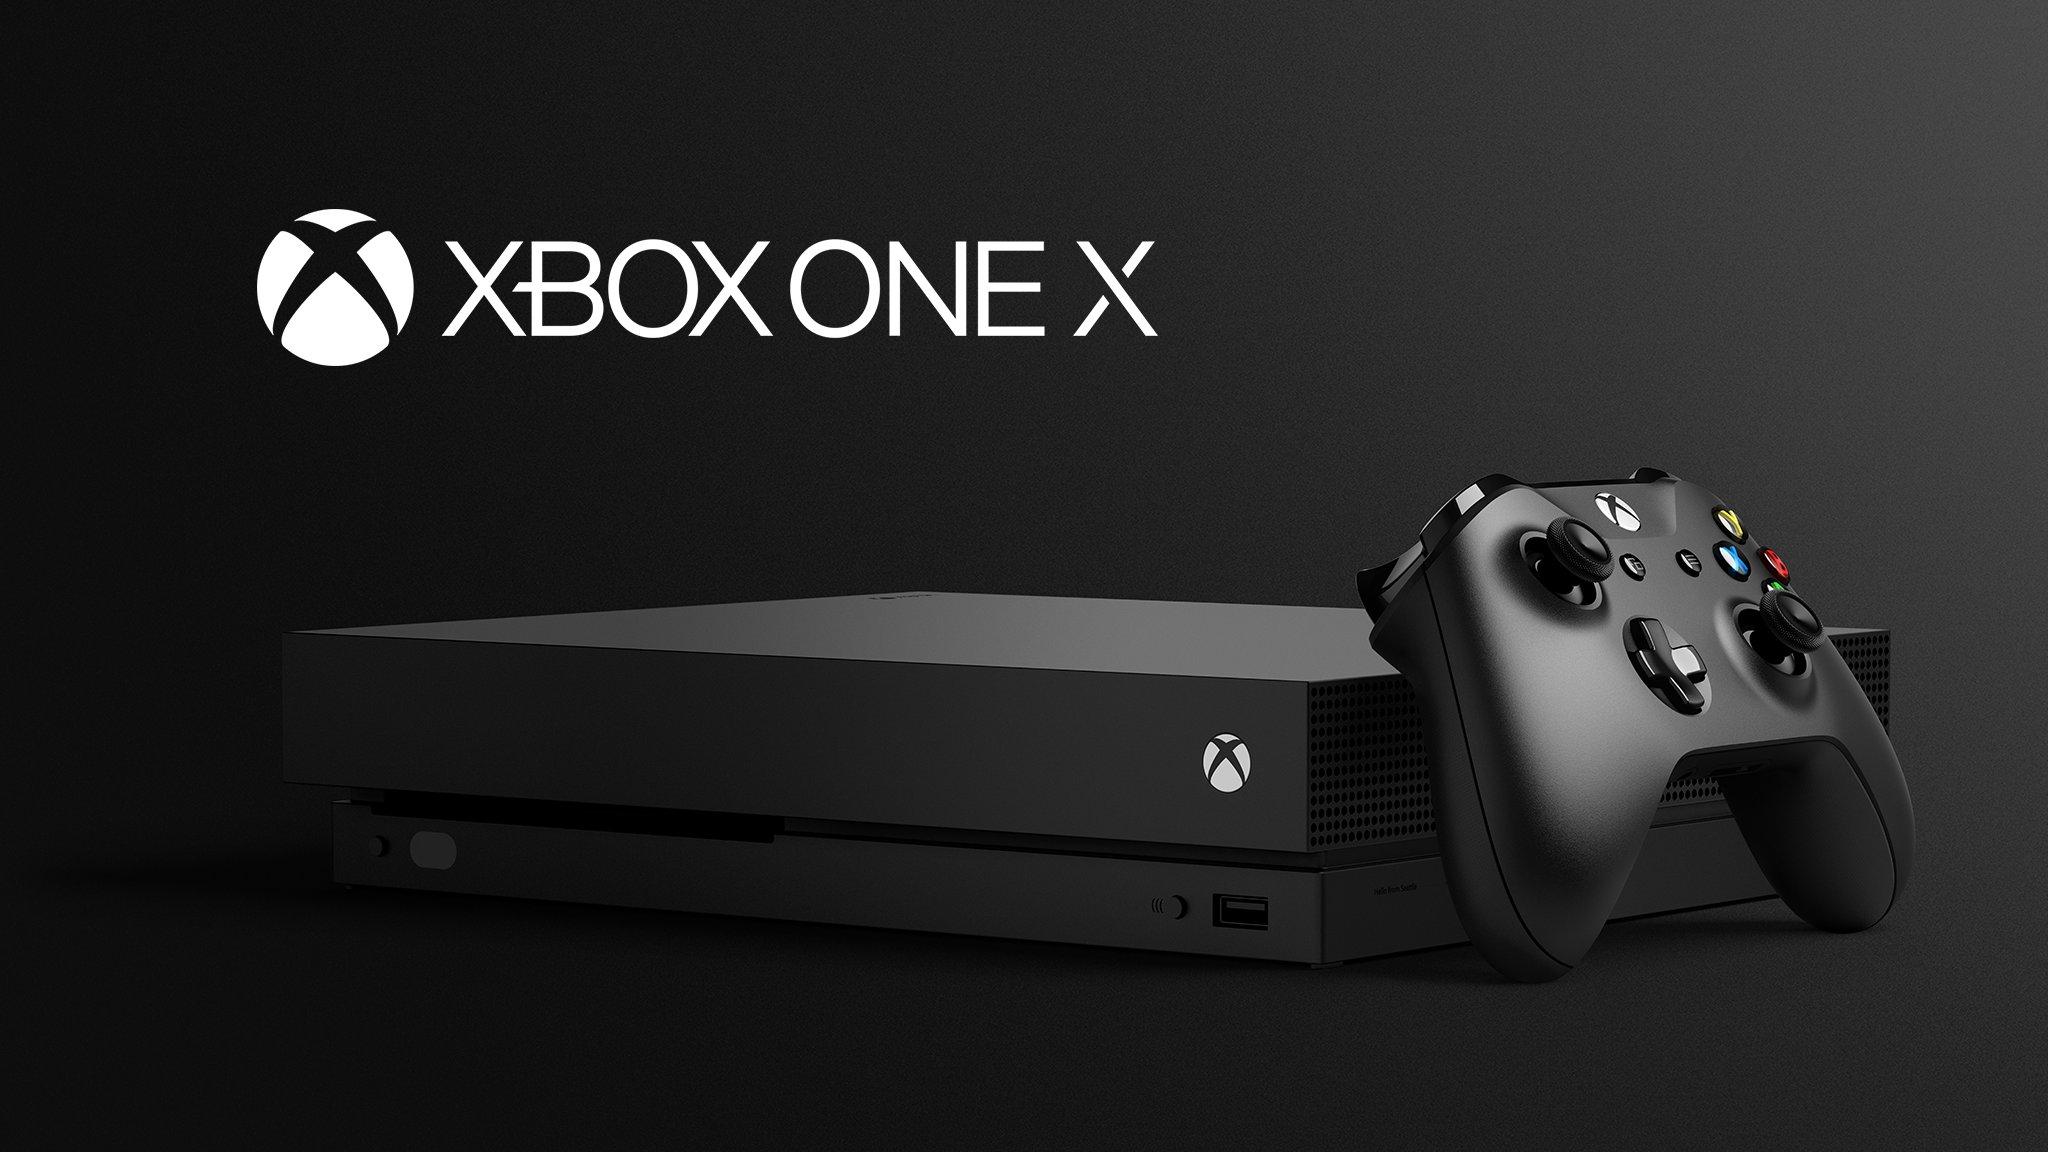 مایکروسافت پیشفروش Xbox One X را آغاز کرد